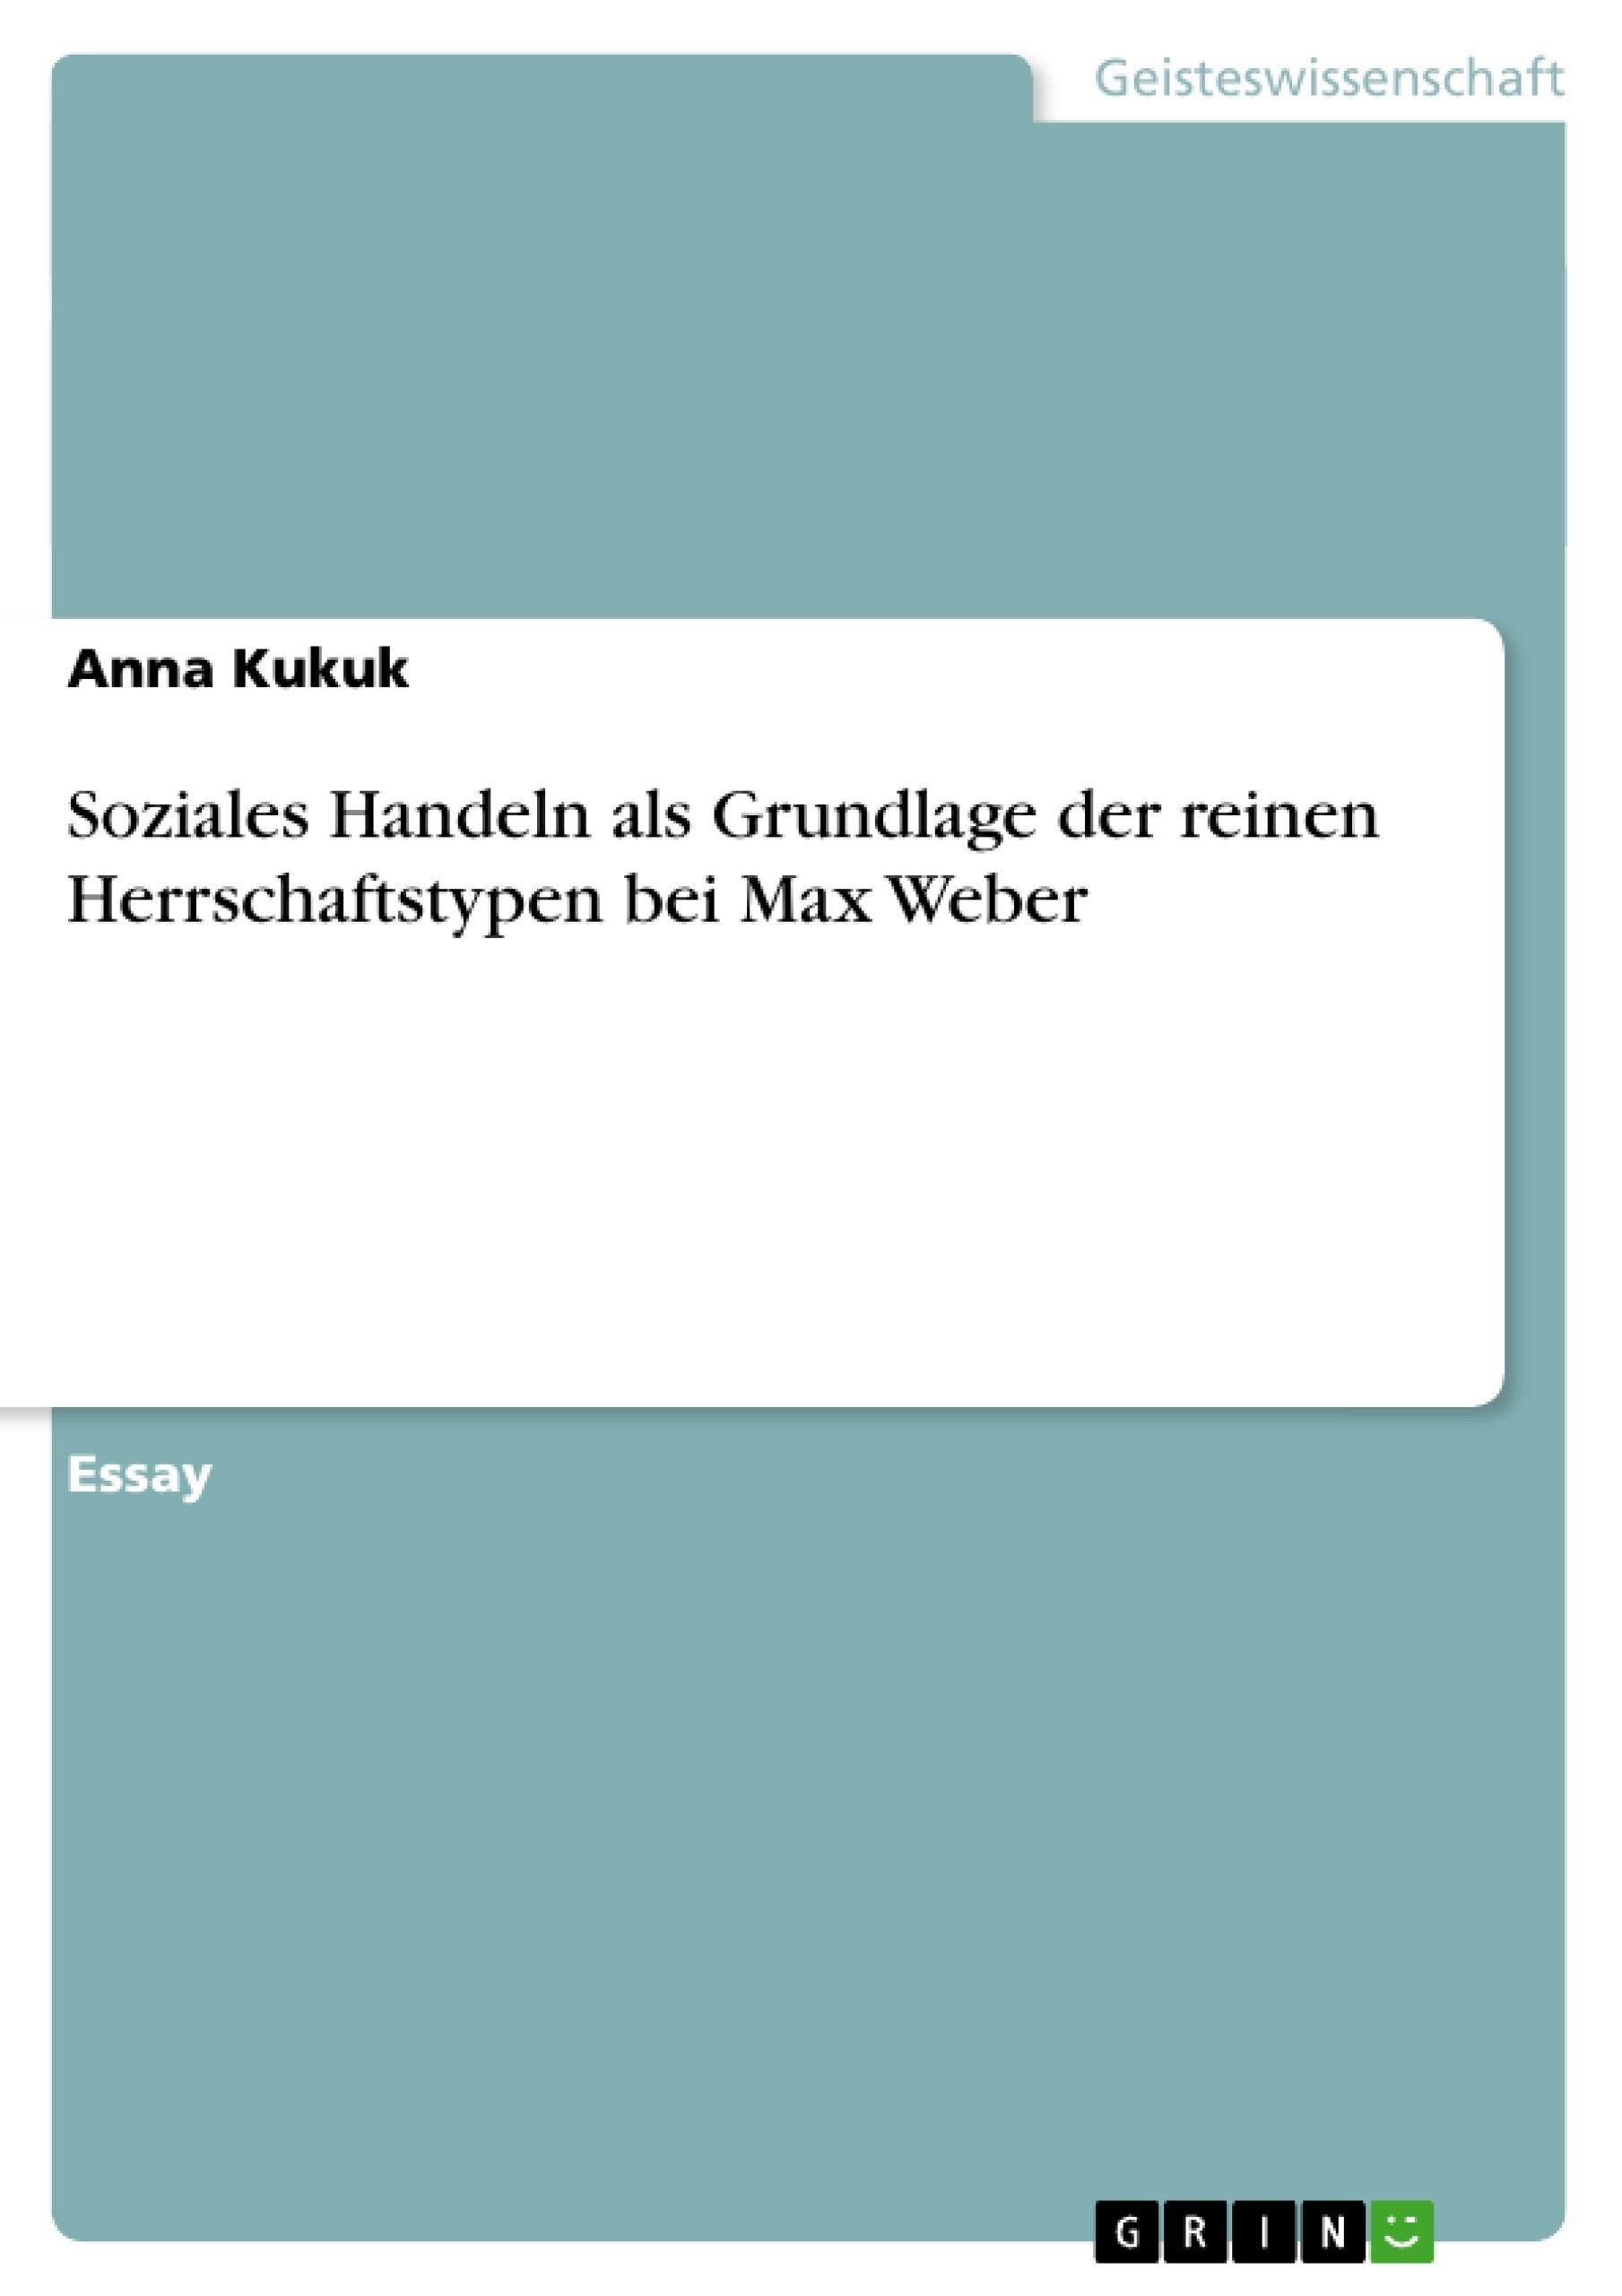 Titel: Soziales Handeln als Grundlage der reinen Herrschaftstypen bei Max Weber